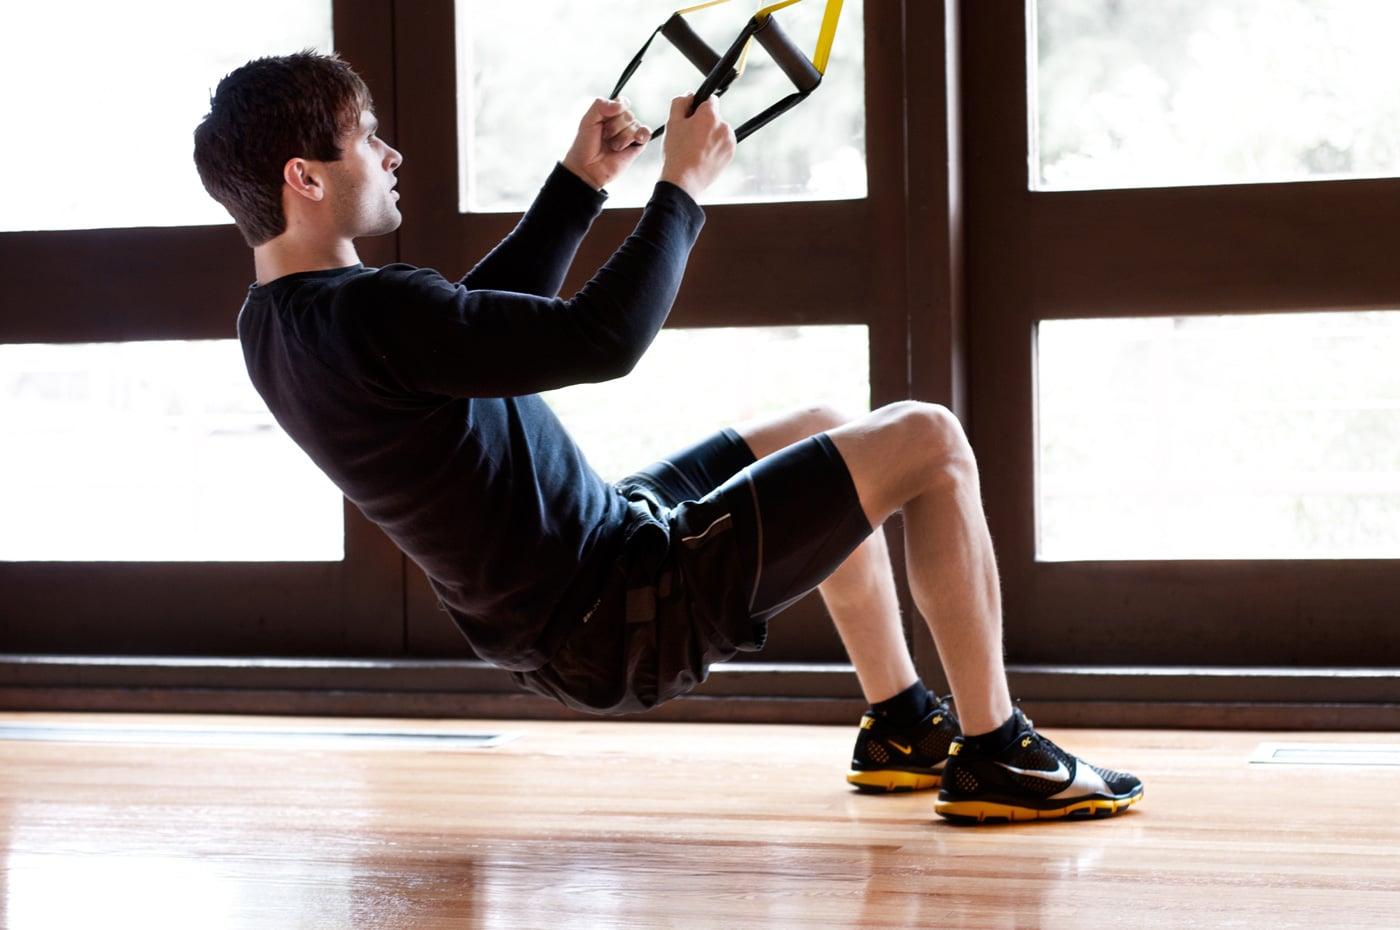 Qu'est-ce que l'entraînement fonctionnel?